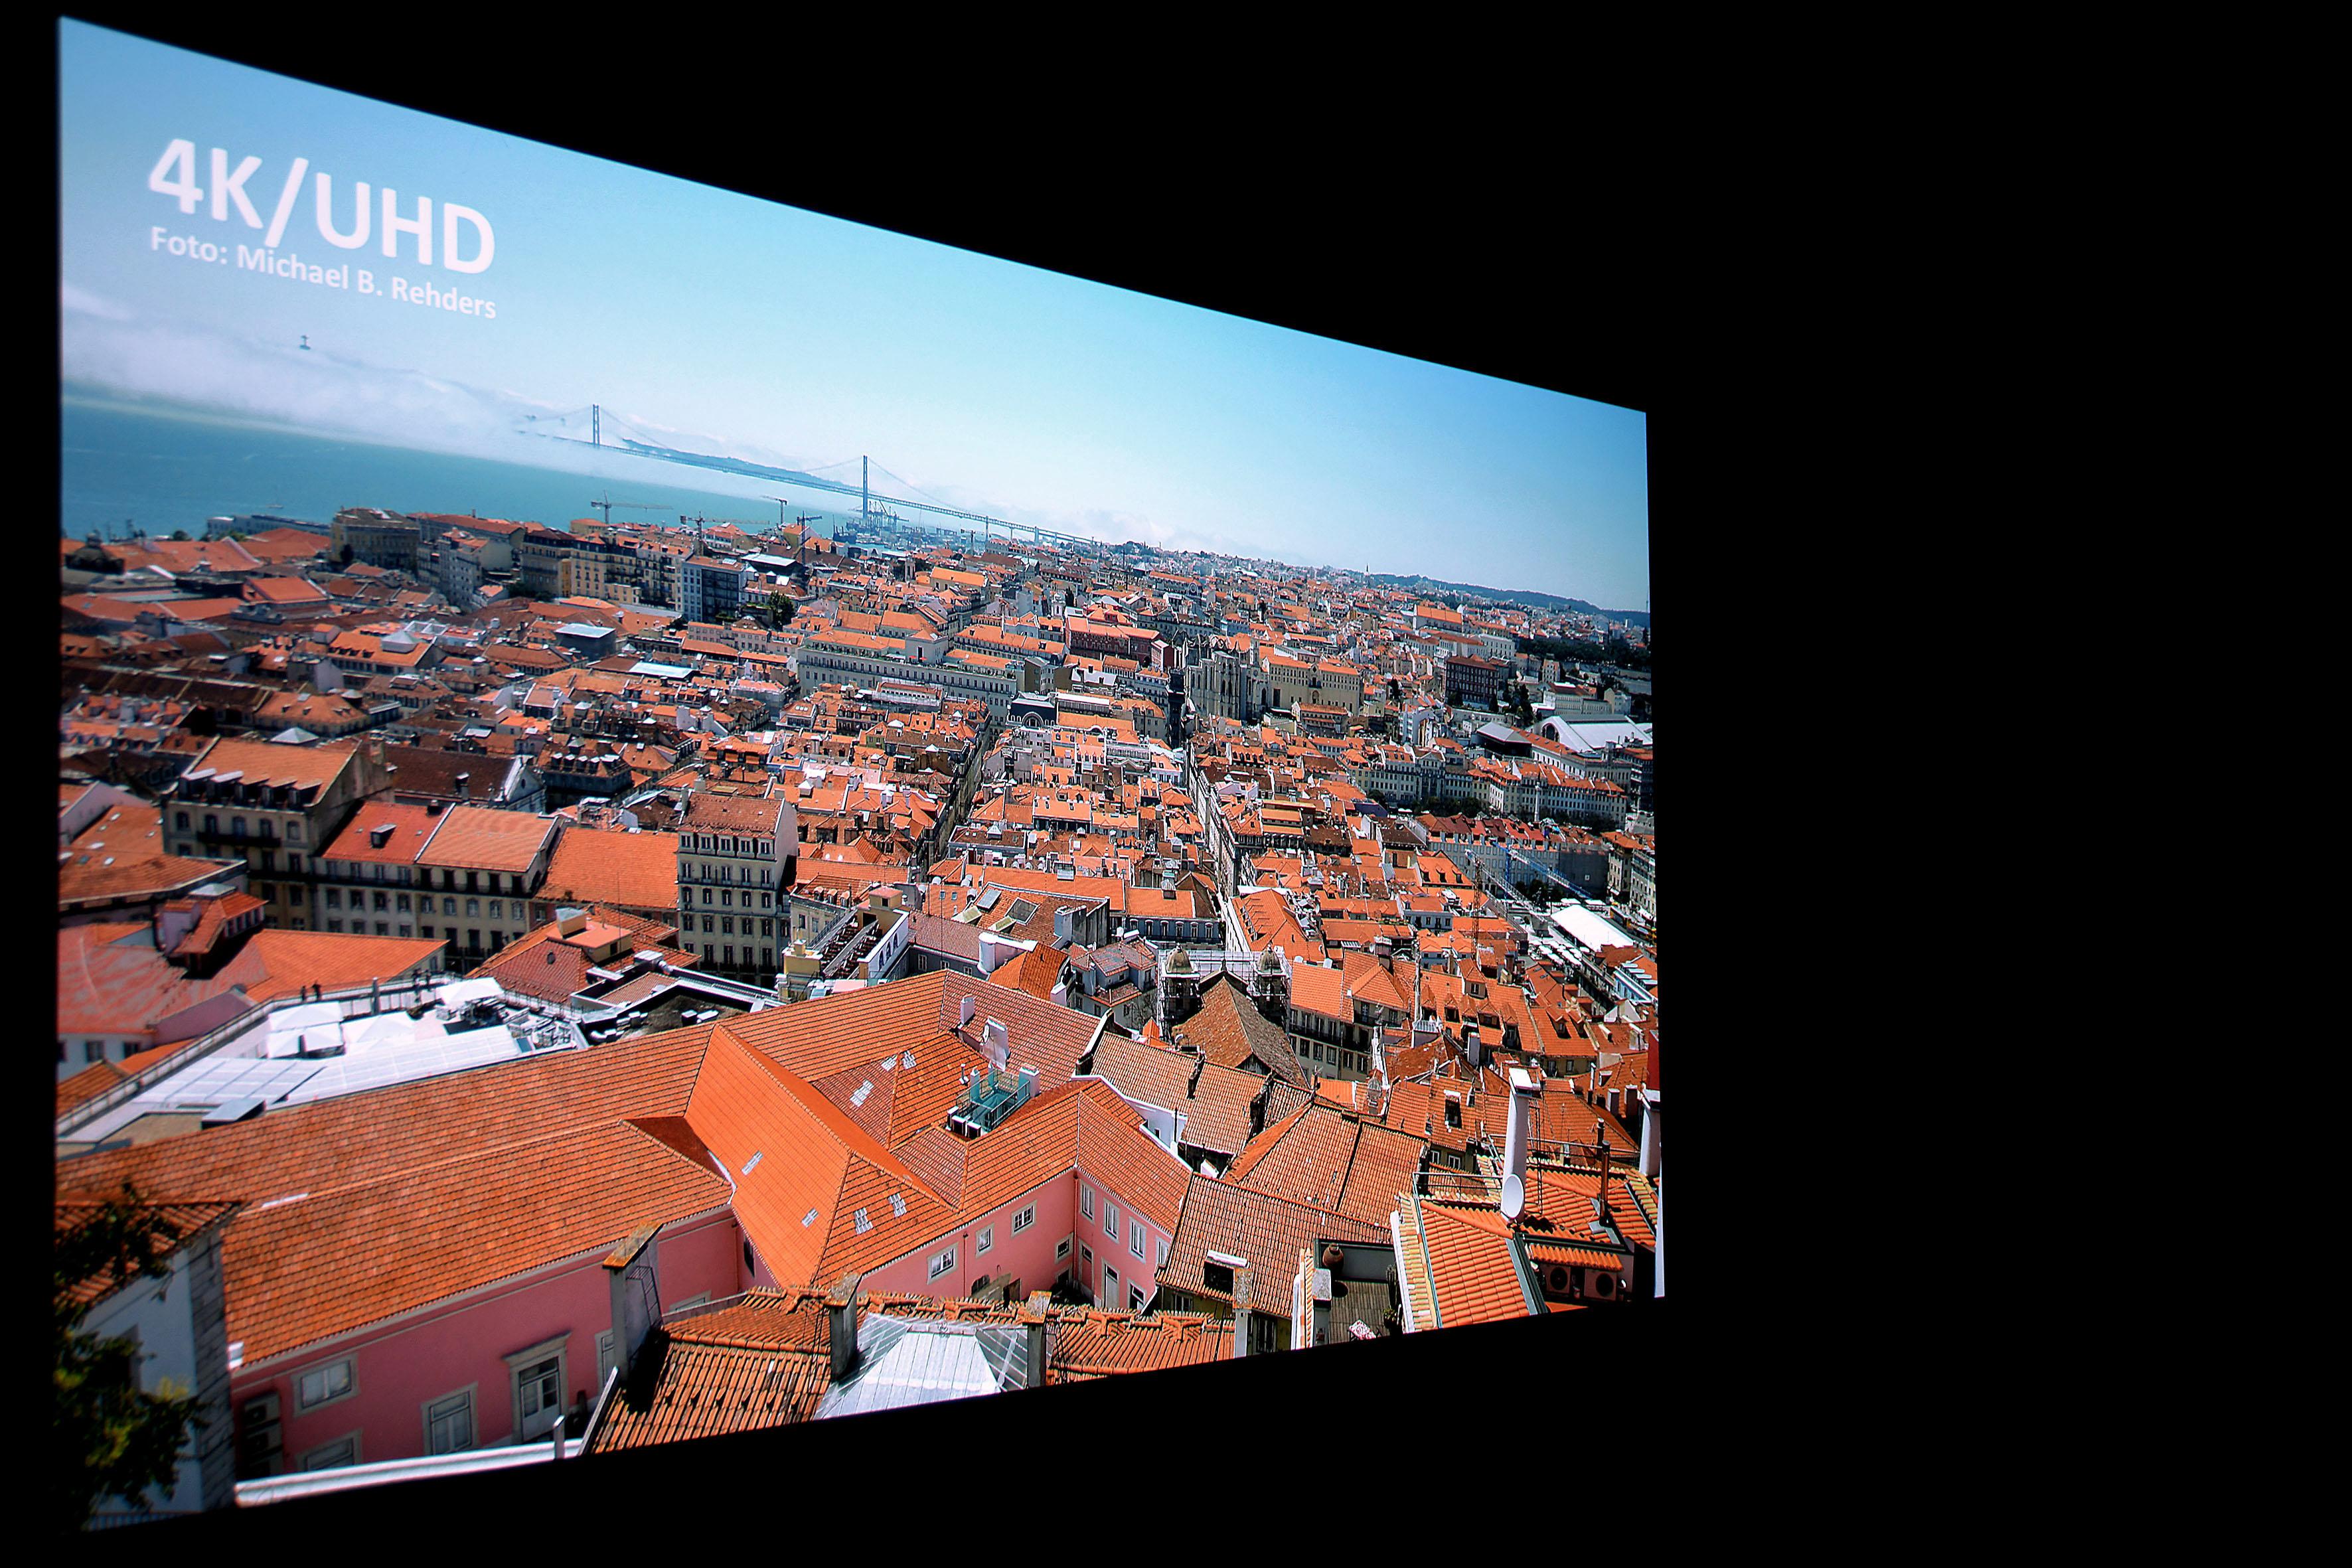 JVC DLA-N7 Die hohe Lichtausbeute gepaart mit exzellenter Detailschärfe, hohem Kontrast und 4K-Auflösung knallen ein wirklich atemberaubendes Bild auf die Leinwand. Strahlend helle und satte Farben mit allerfeinster Zeichnung der Gebäude begeistern.